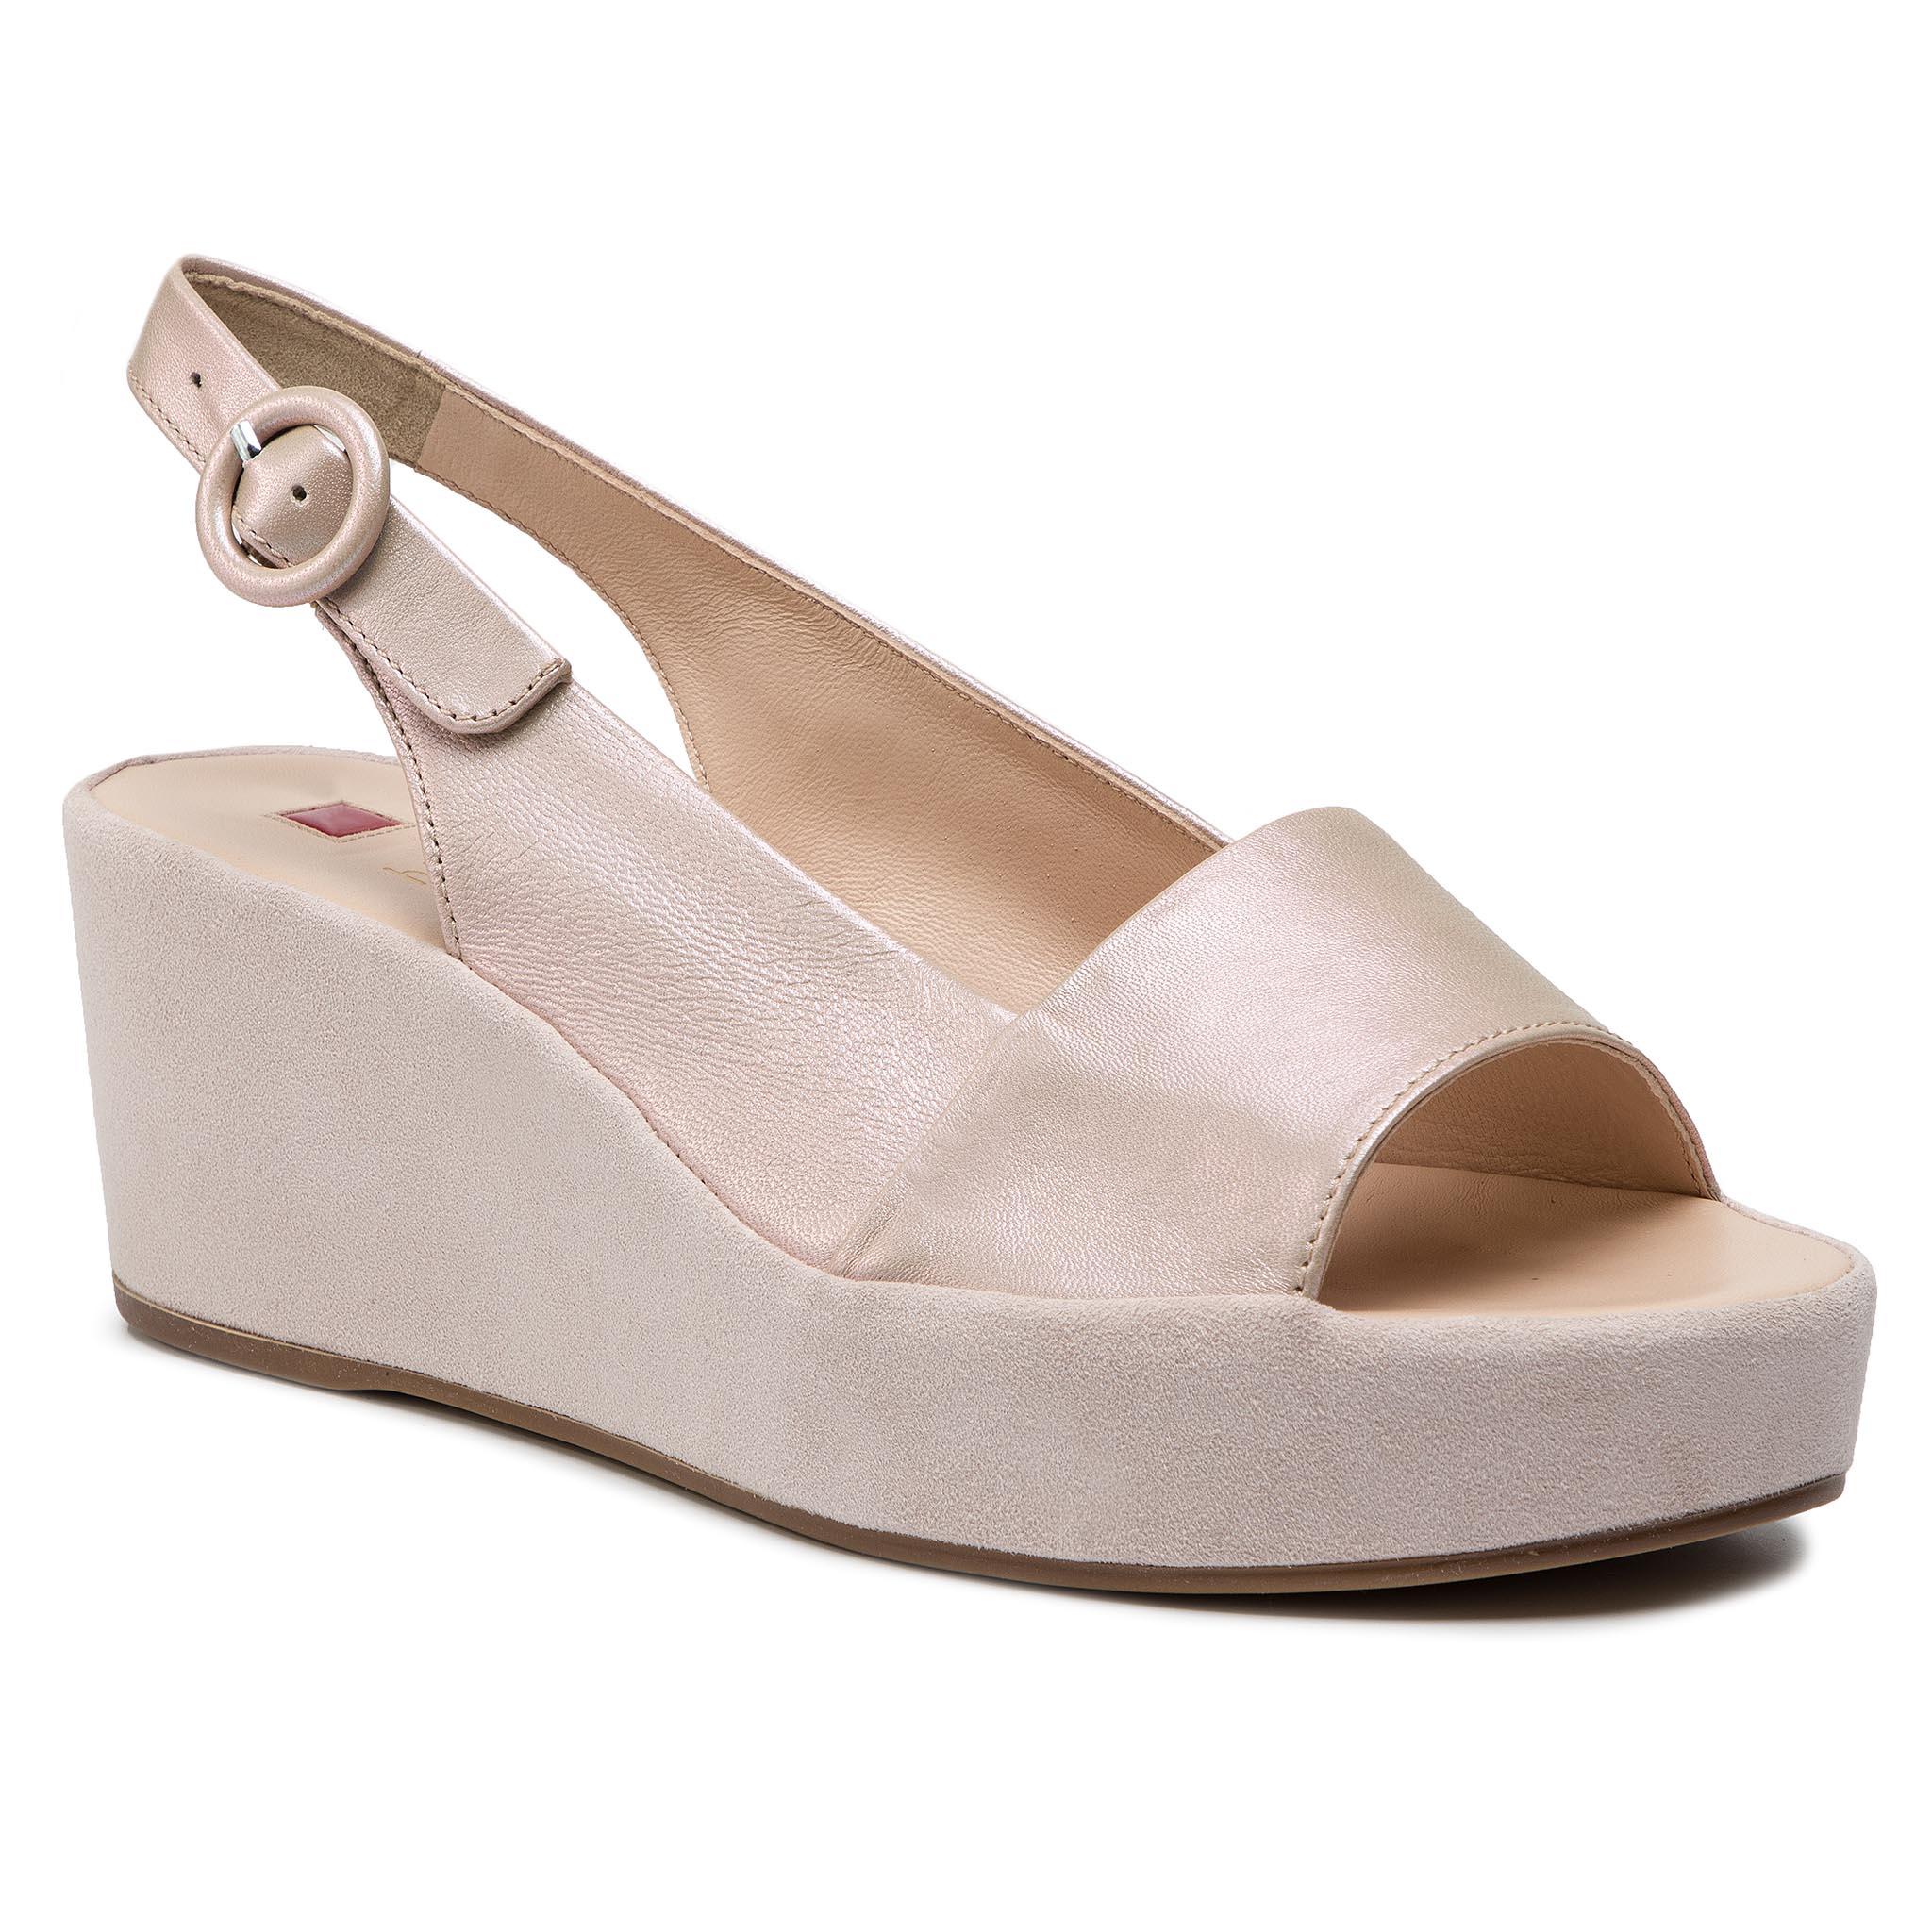 b0b633907885 Sandals HÖGL - 7-101610 Pink 4900 - Elegant sandals - Sandals ...